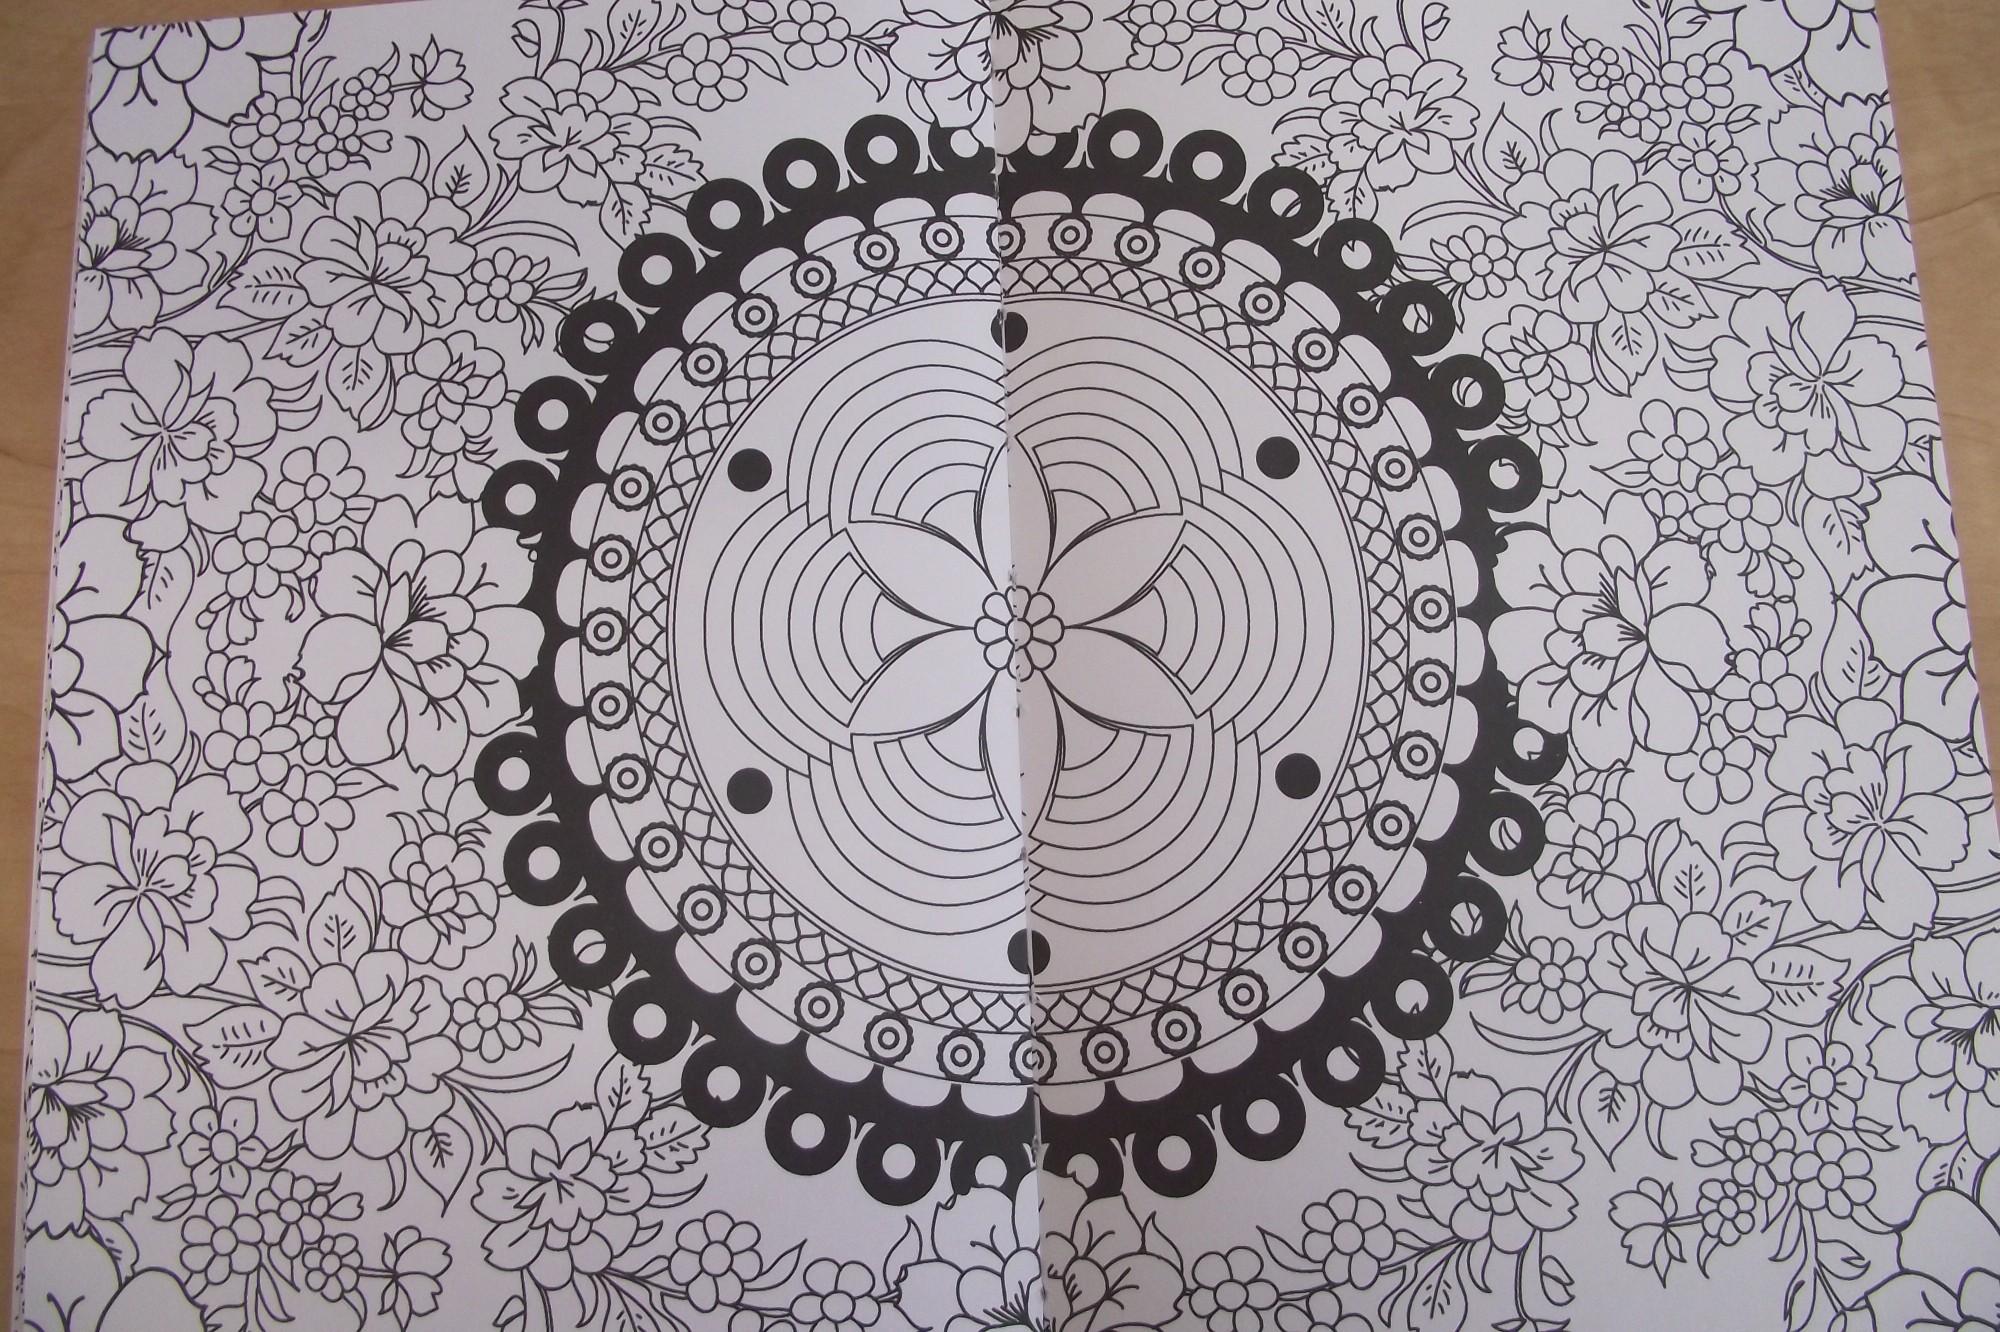 coffret de crayons de couleurs un livre colorier anti stress mandalas - Livre De Coloriage Anti Stress